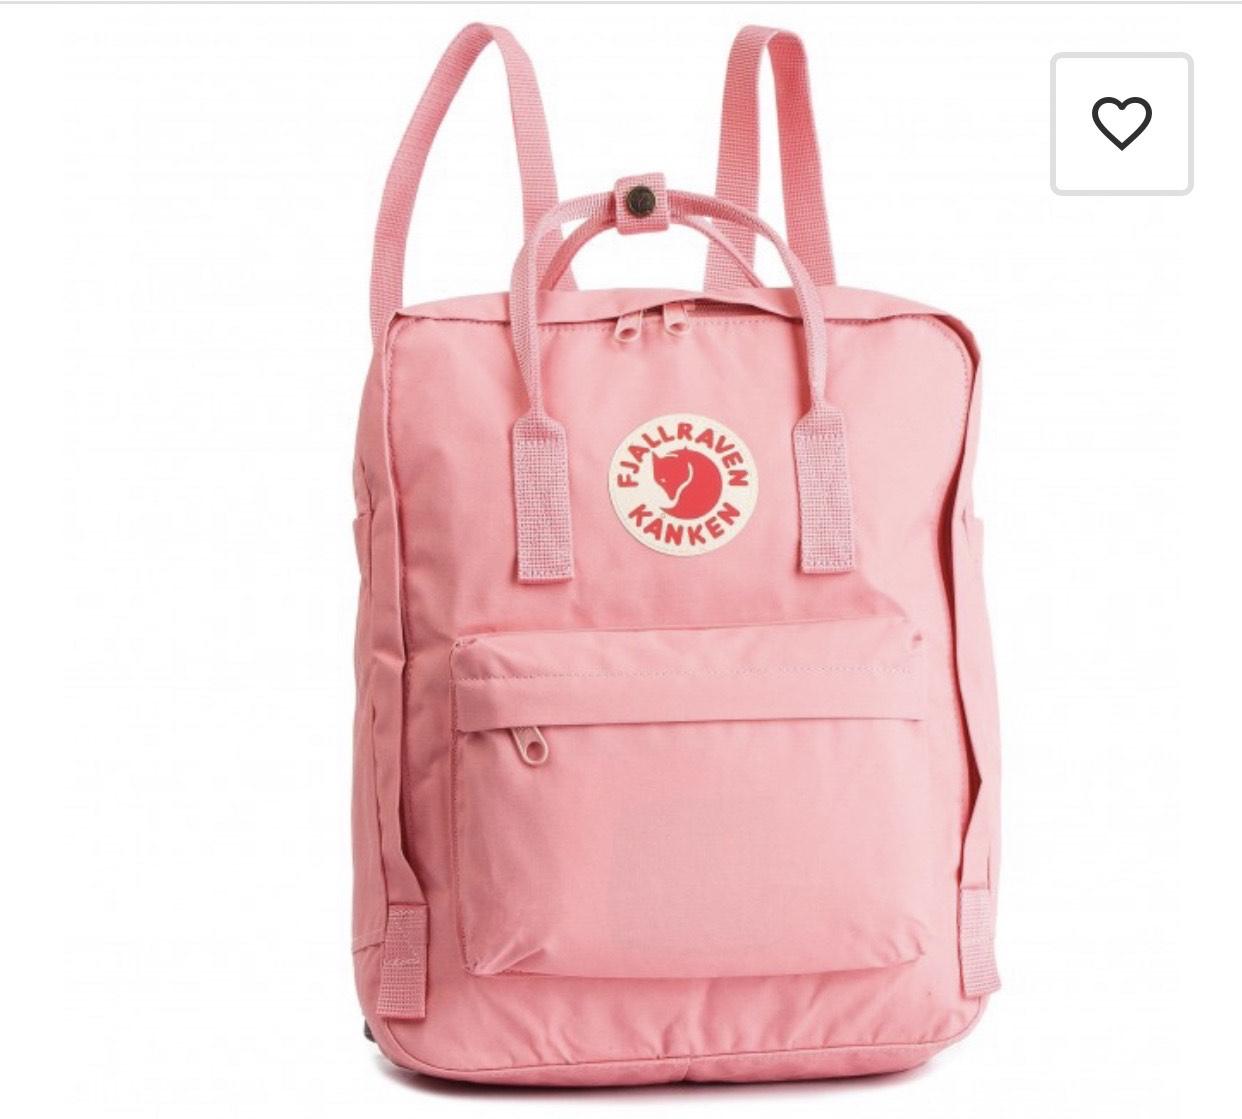 Szary i różowy plecak Kanken na eobuwie